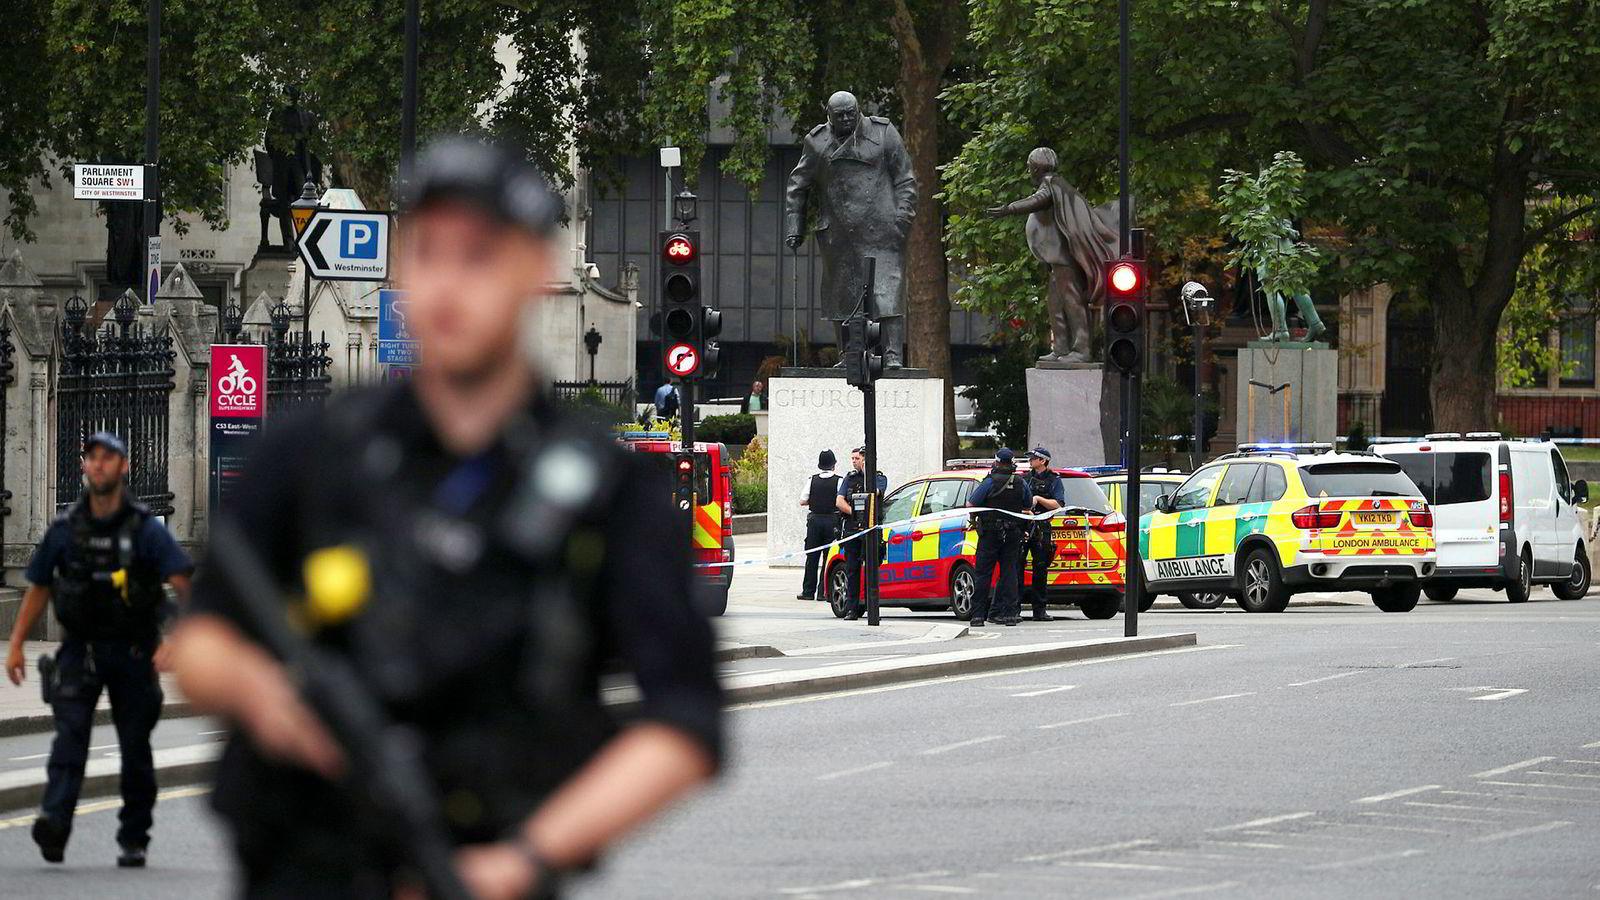 Bevæpnet politi på gaten utenfor det britiske parlamentet i London etter at en bil krasjet inn i sikkerhetssperringer.